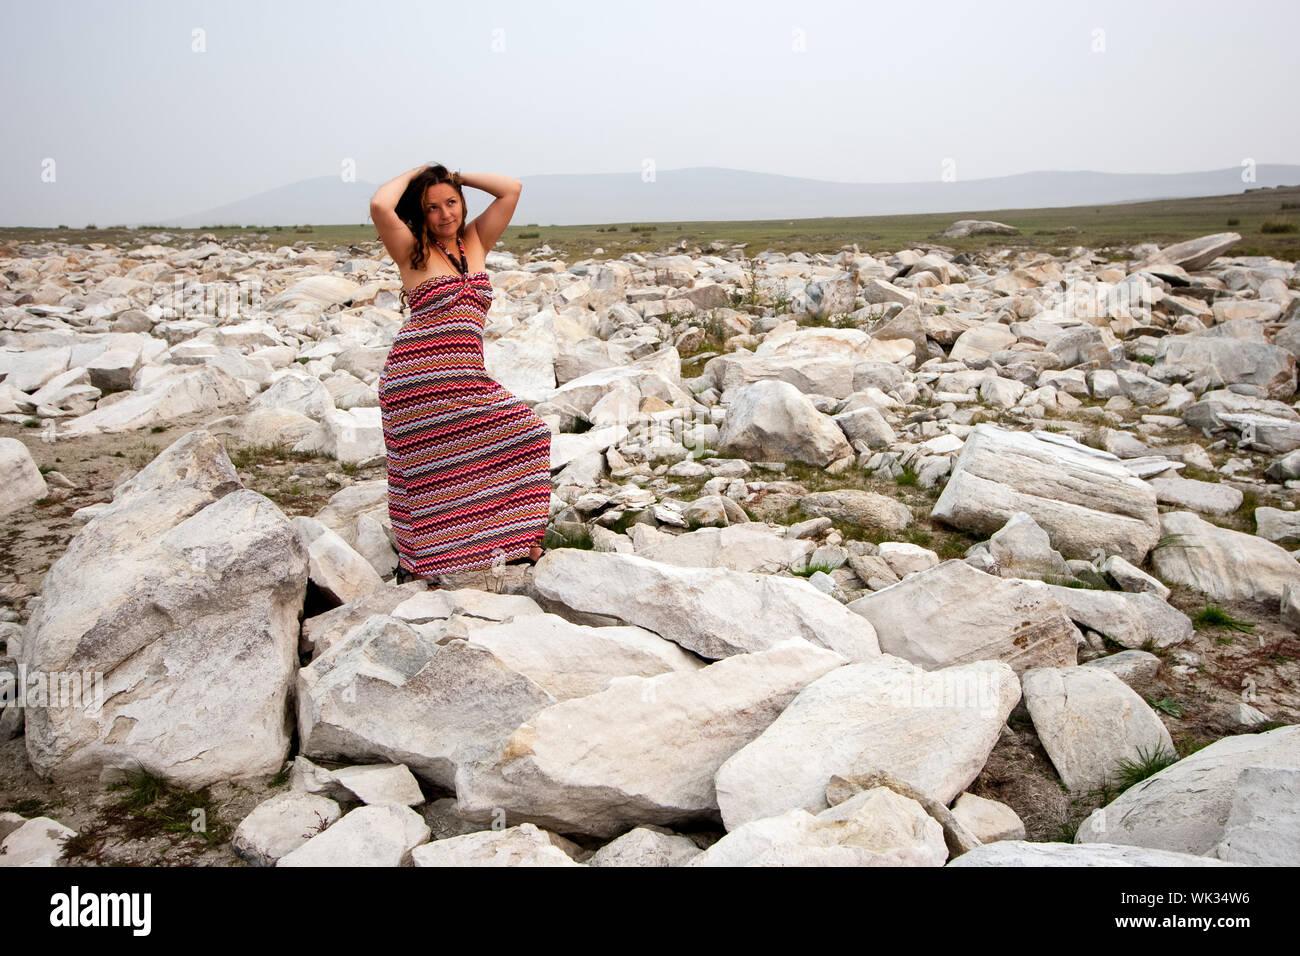 Una chica con cabello oscuro destaca sobre piedras blancas en la estepa y mira hacia arriba. Manos tocaron la cabeza. Traje a rayas rojas. Detrás de la niebla. Copie el espacio. Foto de stock